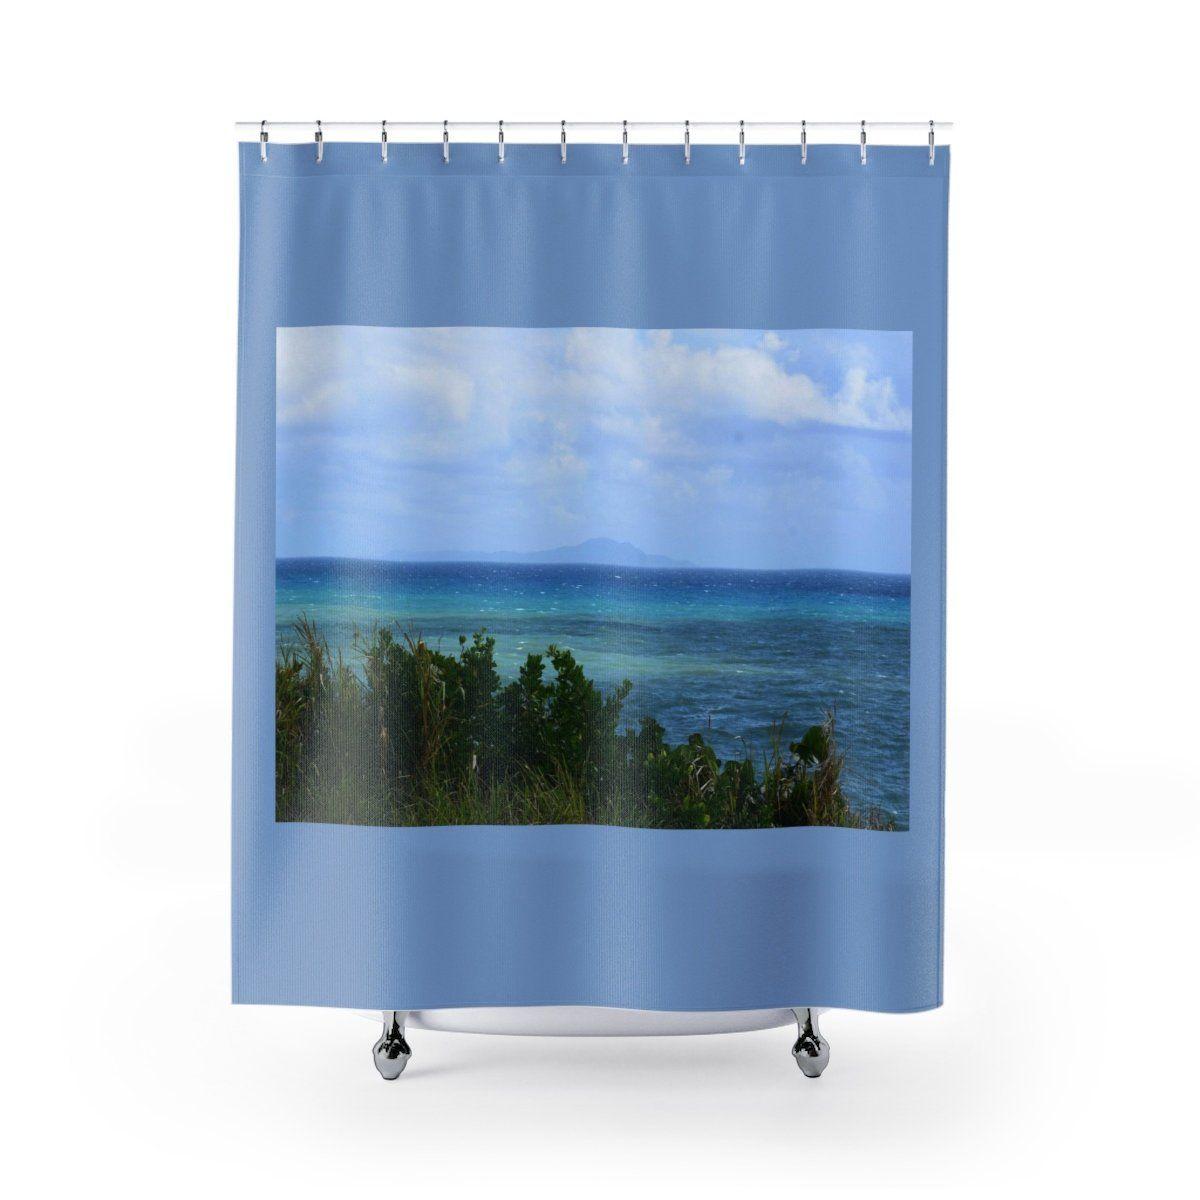 Best Unique Shower Curtains Rocky Beach And Coast In Palmas De